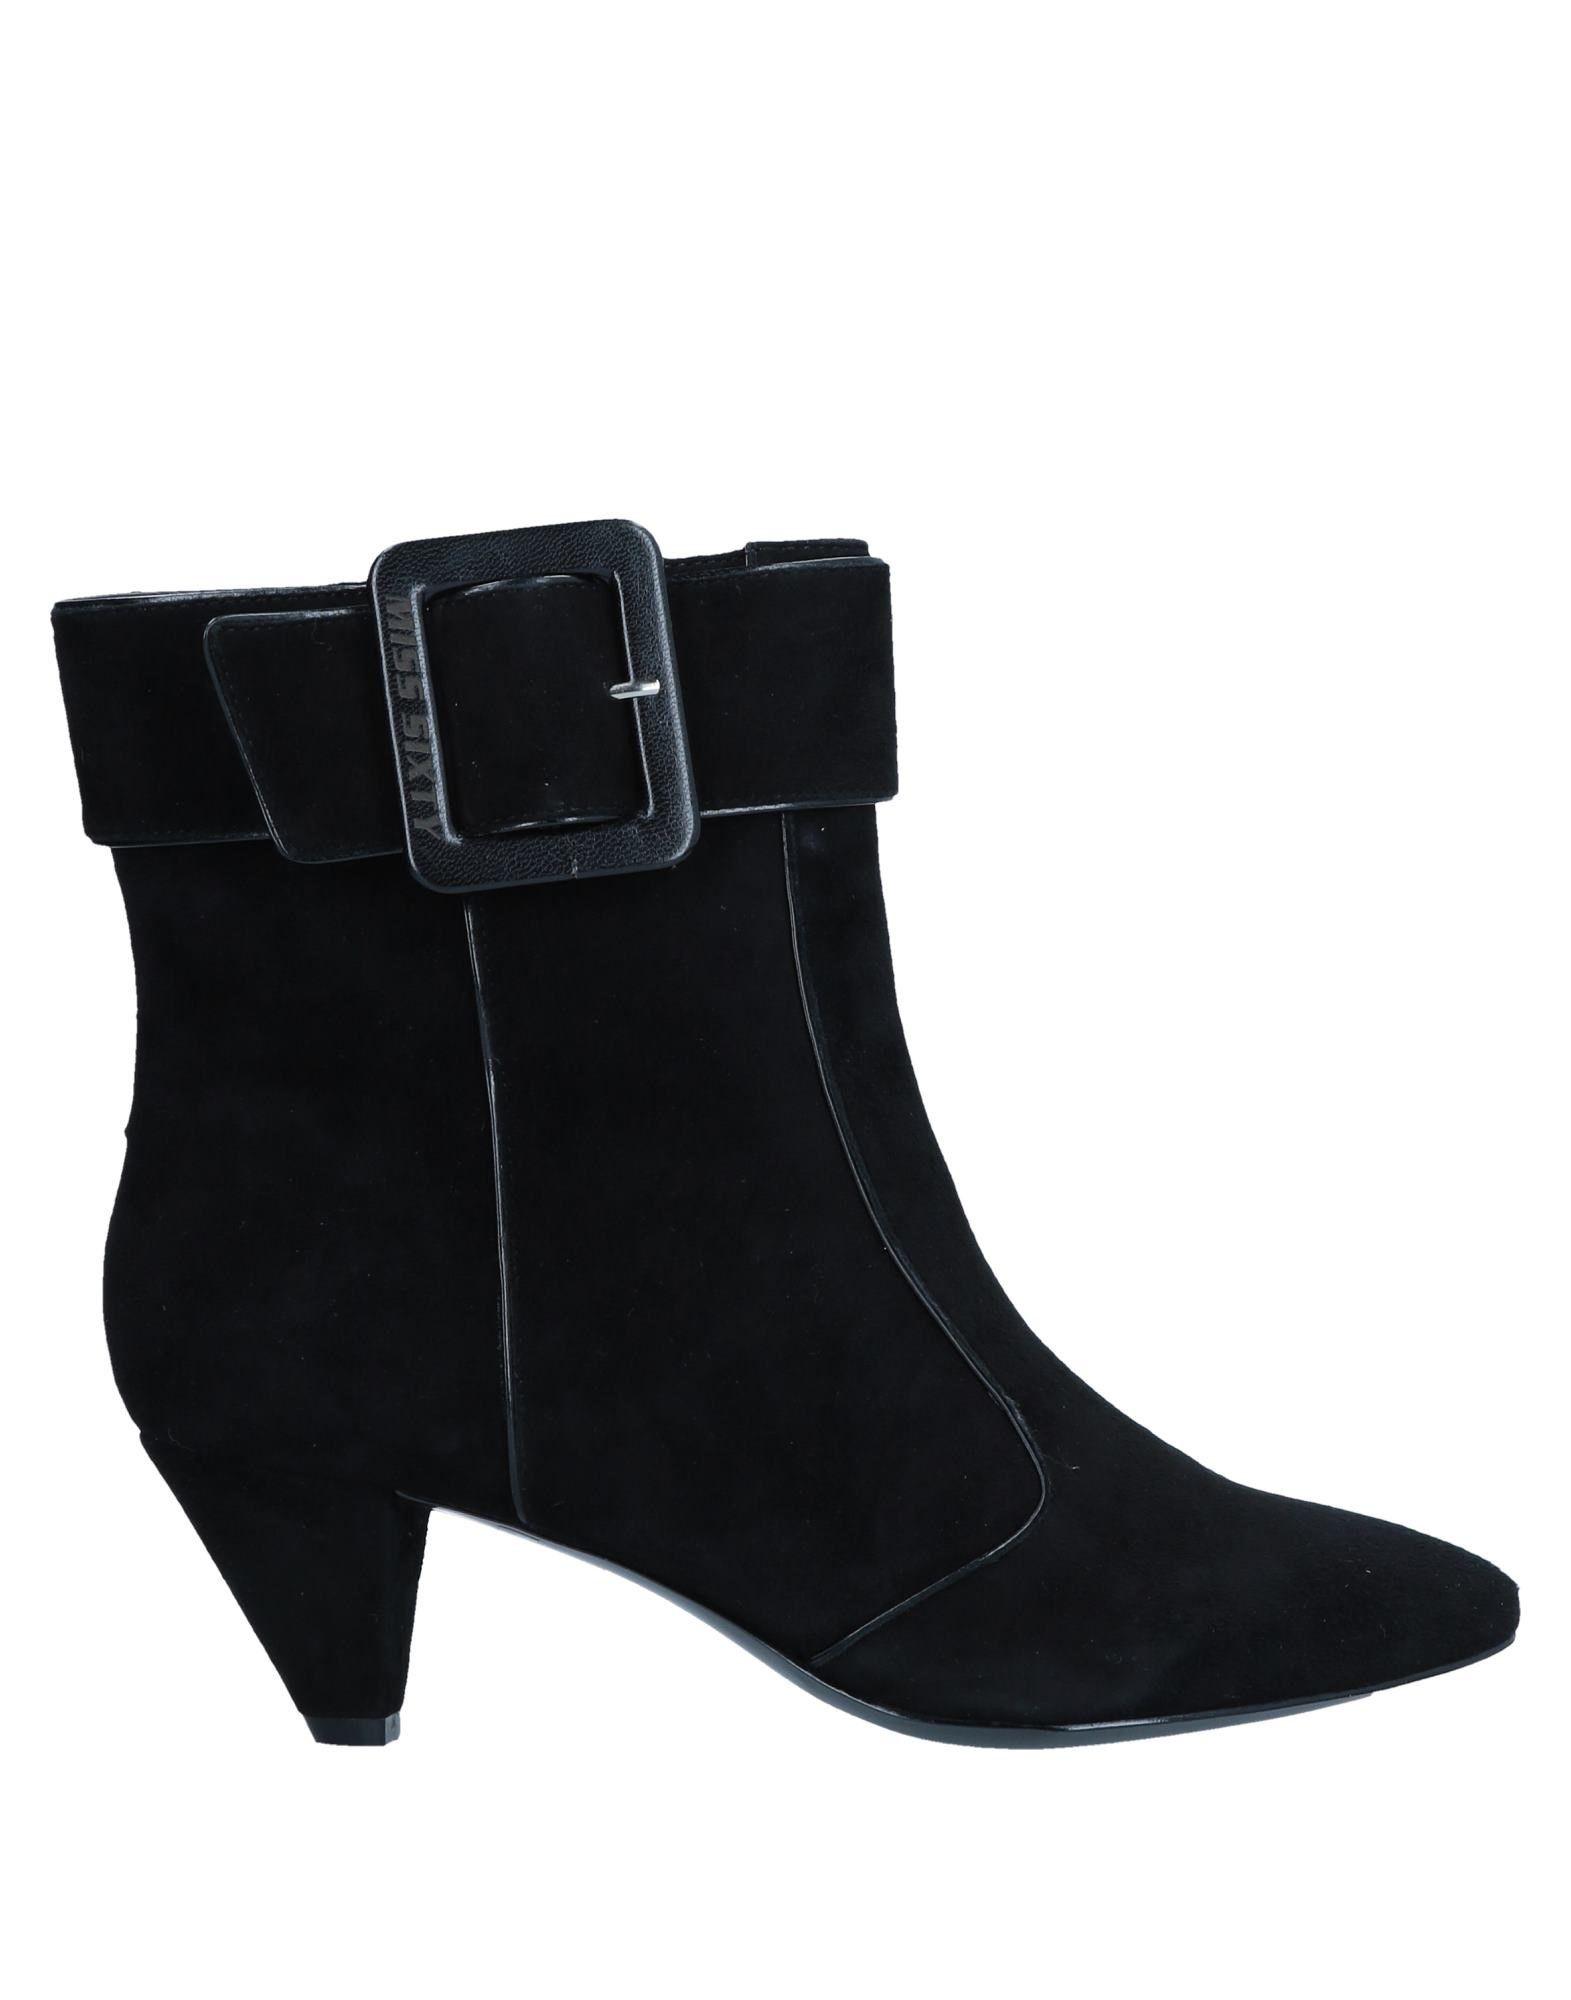 Miss Sixty Stiefelette Damen  11525391WX Gute Qualität beliebte Schuhe